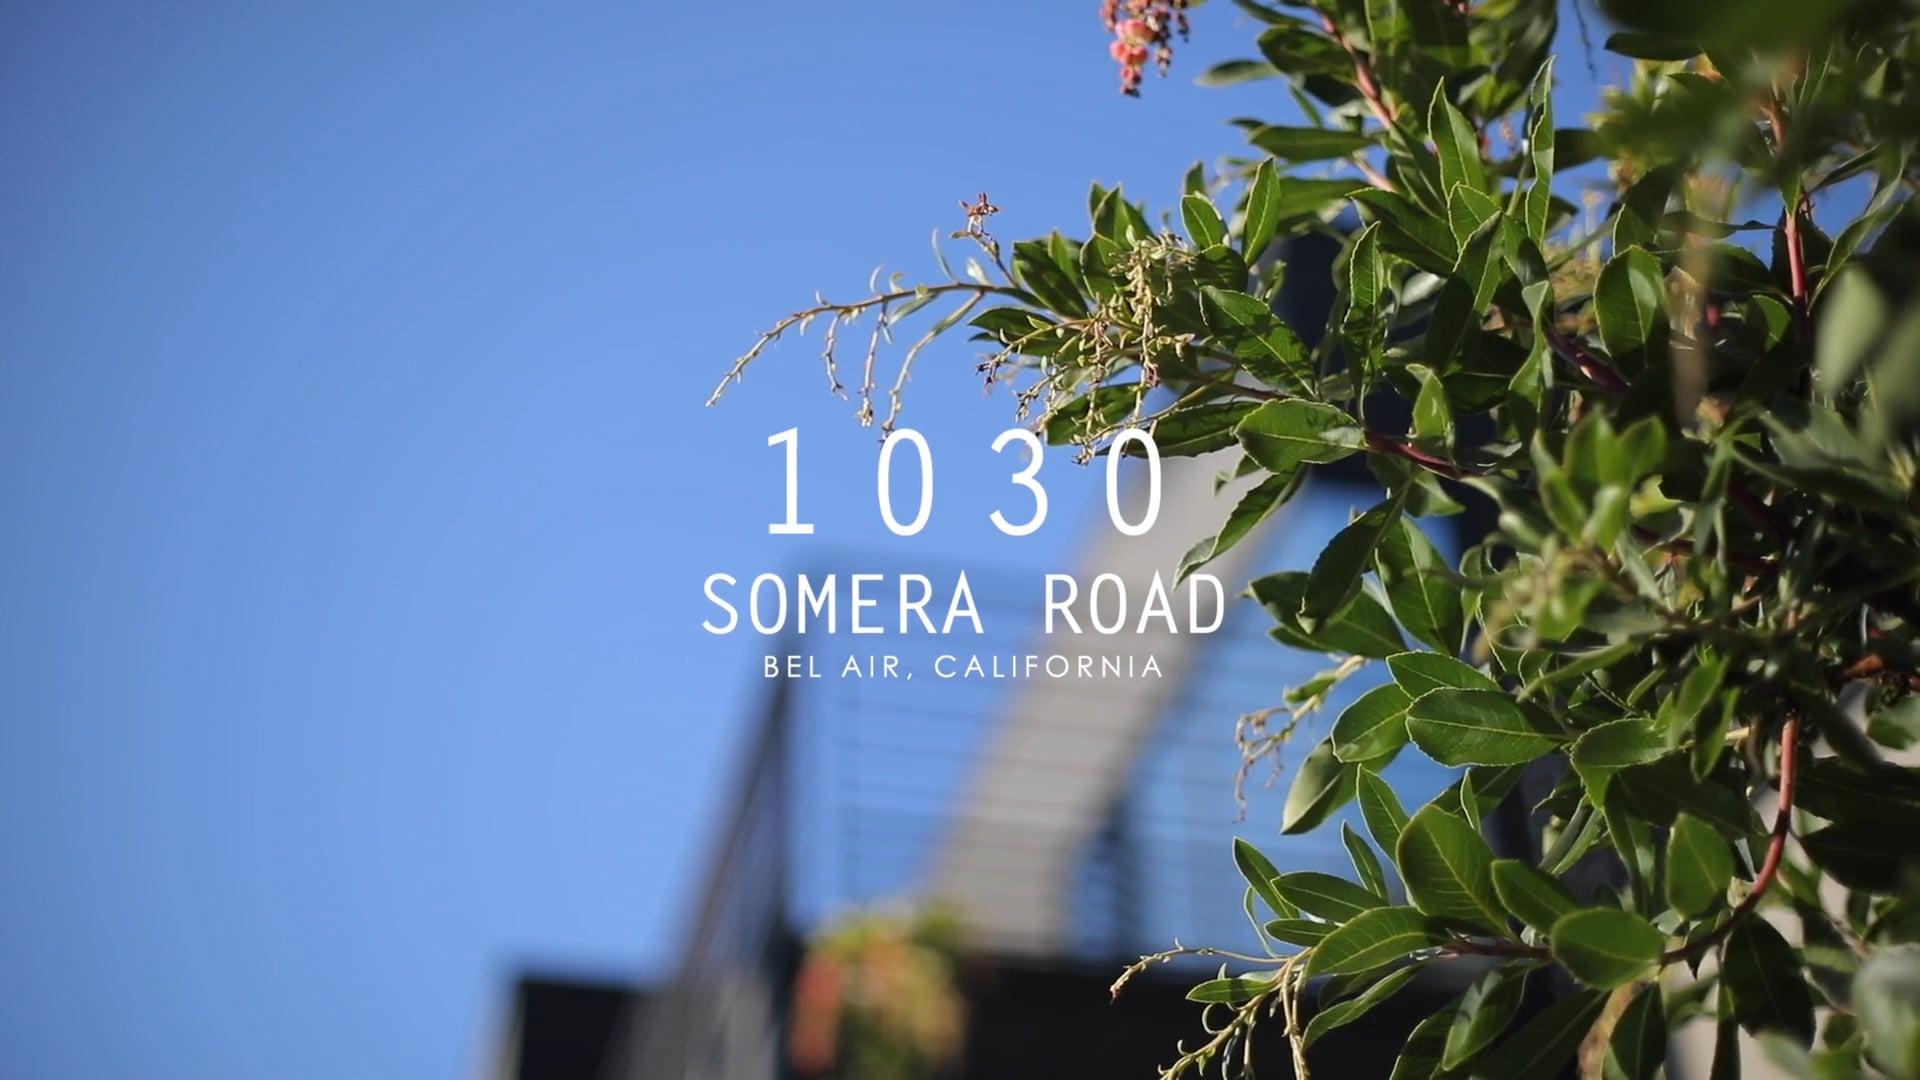 1030 Somera Road   Bel Air CA